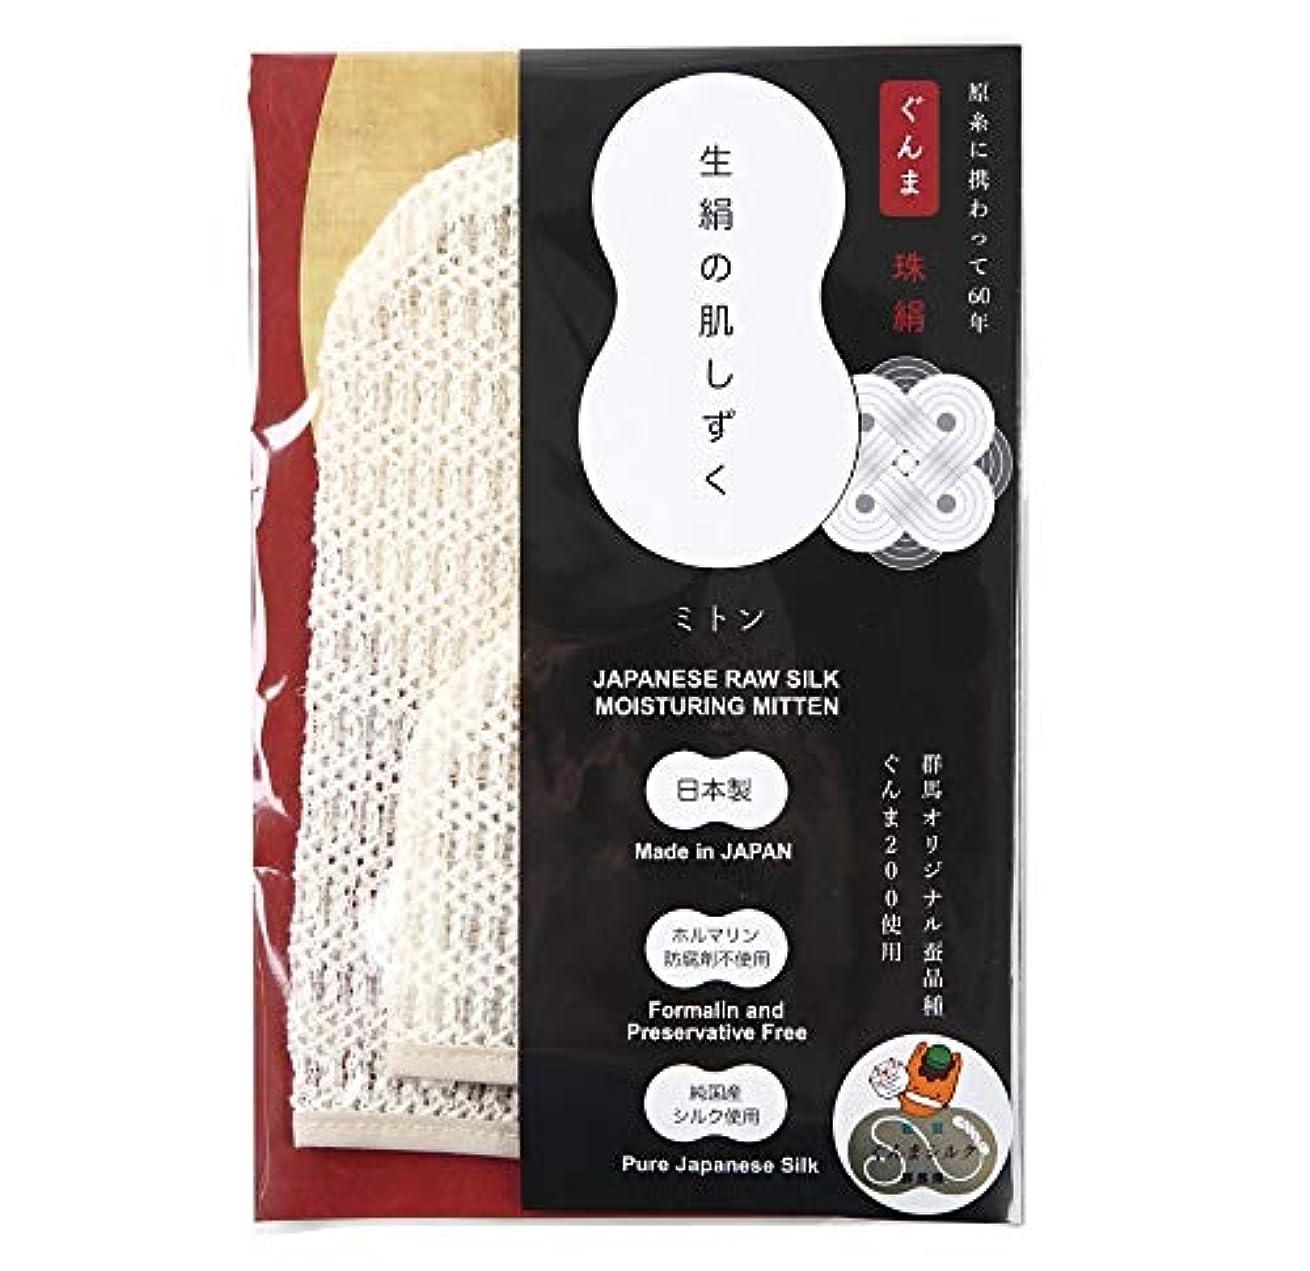 余裕がある始まり賃金くーる&ほっと ネットロウシルクミトン 純国産生絹100%「 珠絹(たまぎぬ) 生絹の肌しずく」 ぐんまシルク 100% (群馬県内で一貫製造) 日本製 シルクプロテイン?セリシンそのまま たっぷり 大小セット ネットロウミトン